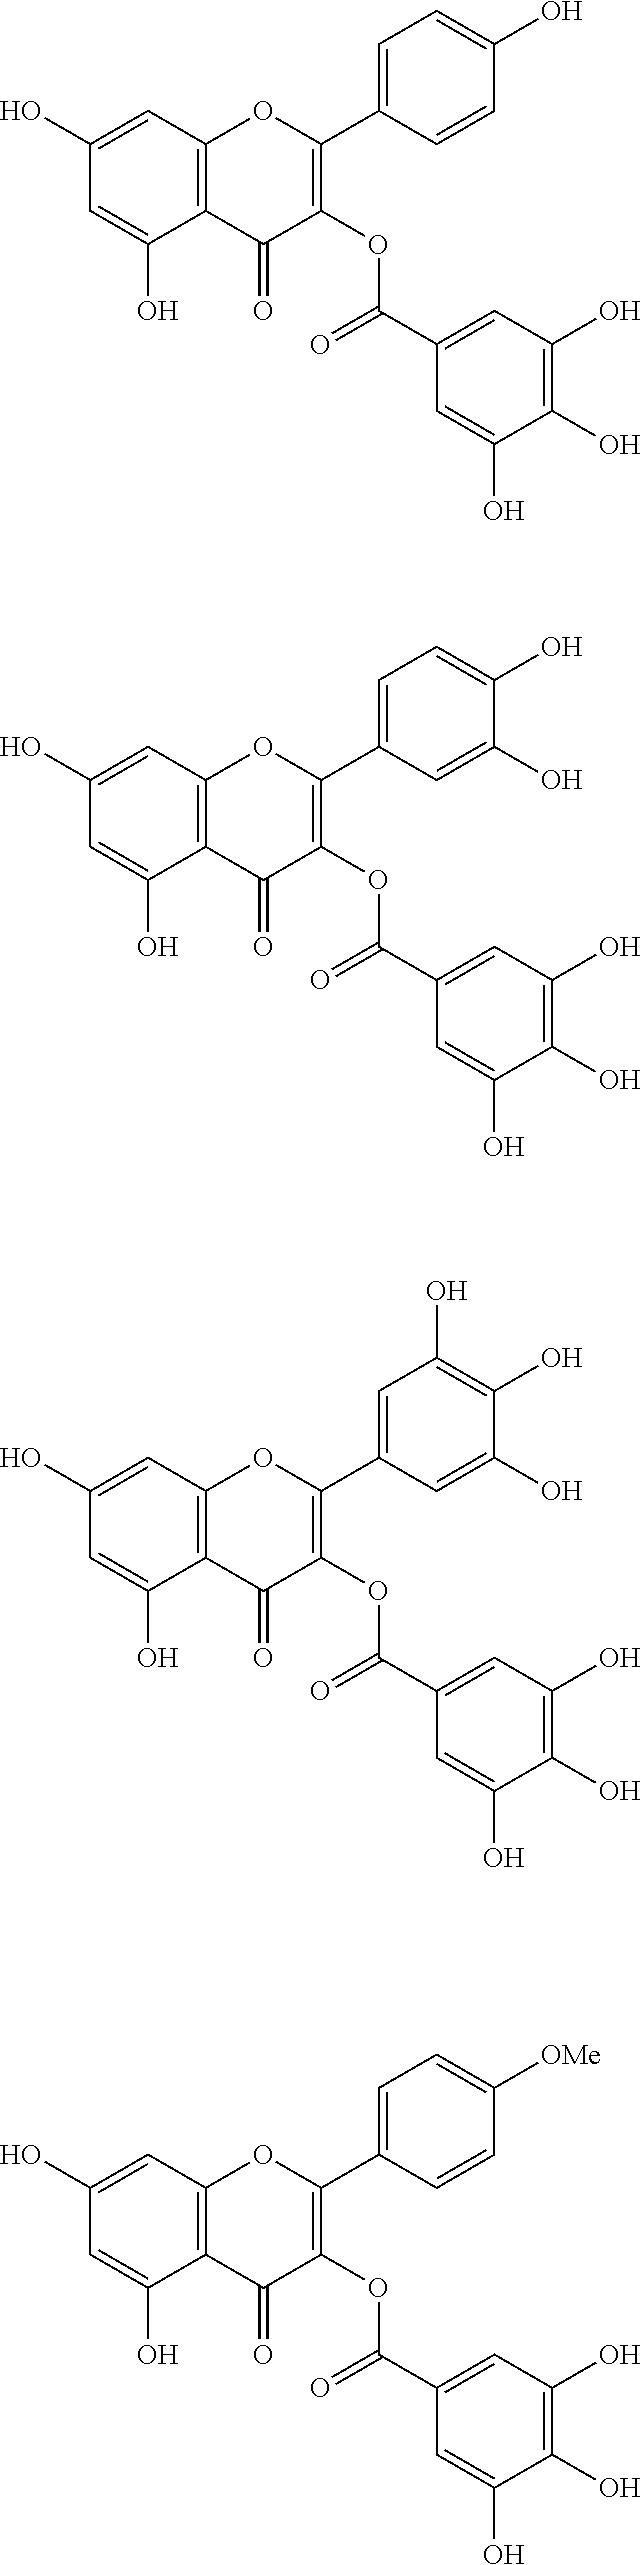 Figure US09962344-20180508-C00167